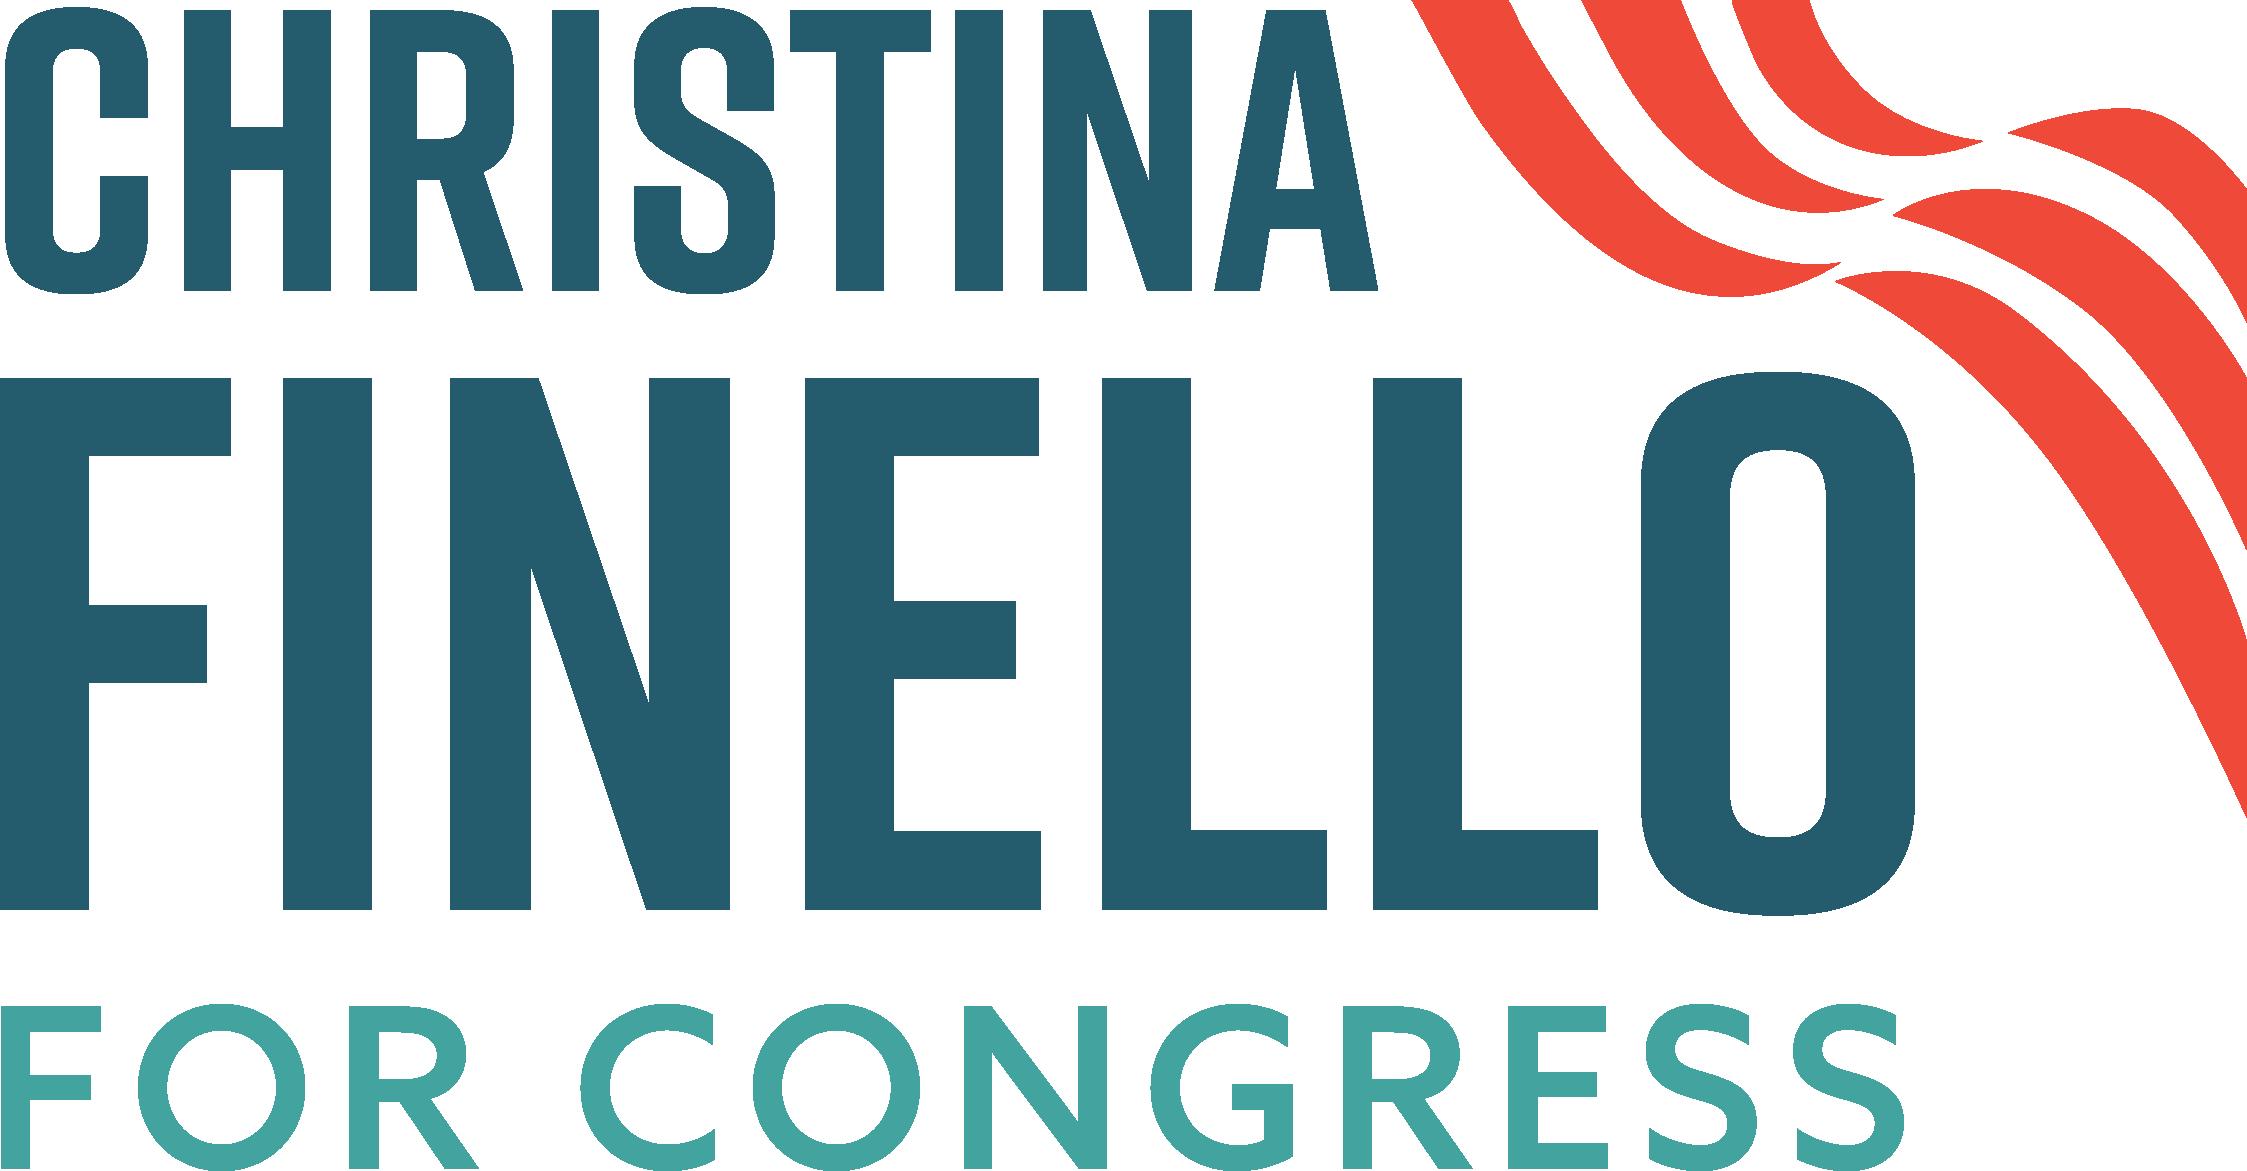 Christina Finello